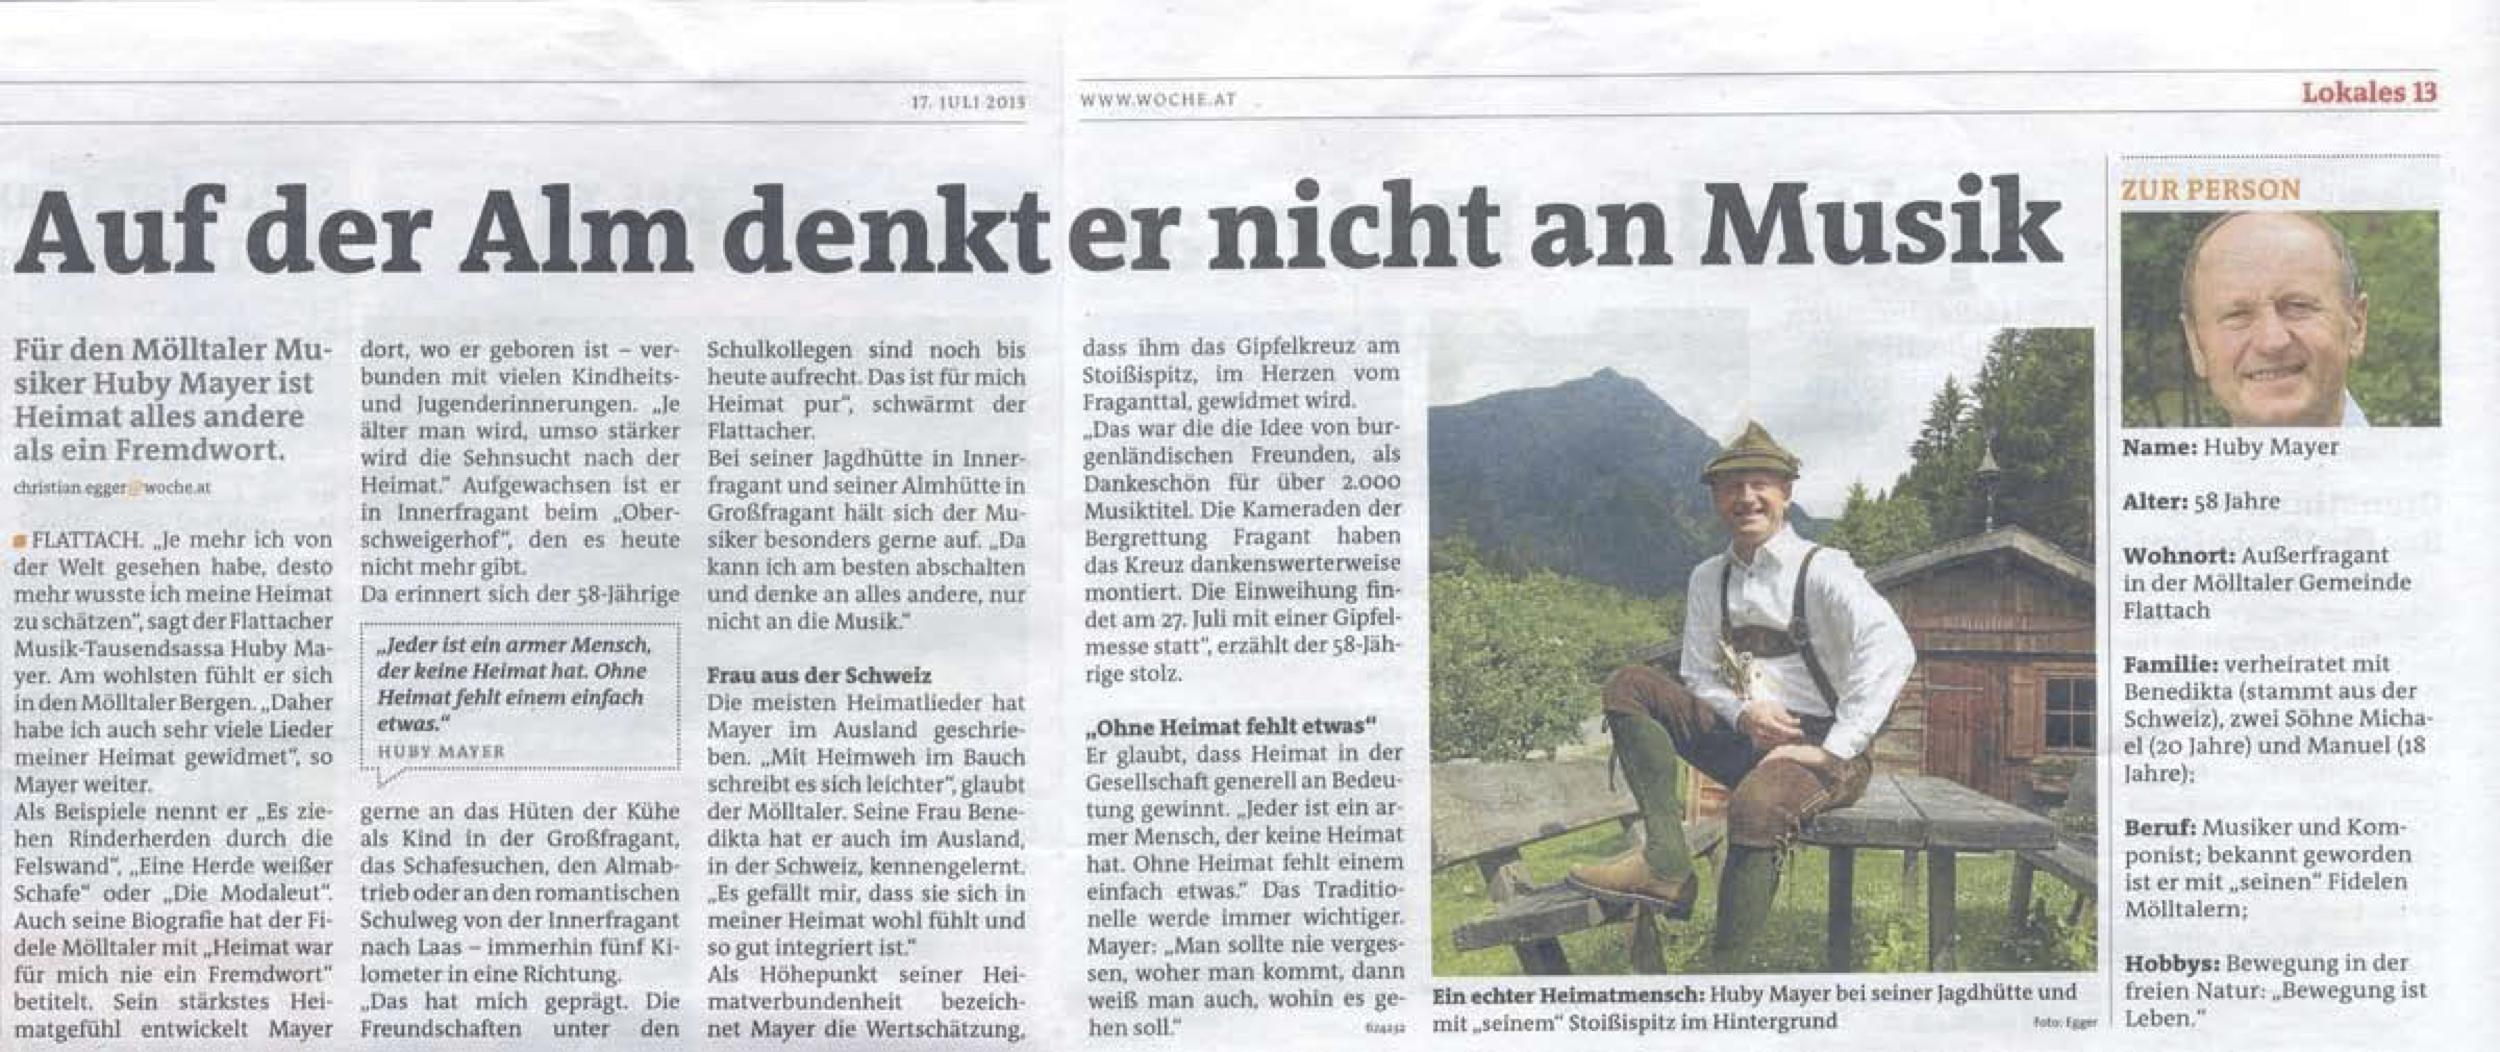 kaerntner_woche_17_07_2013